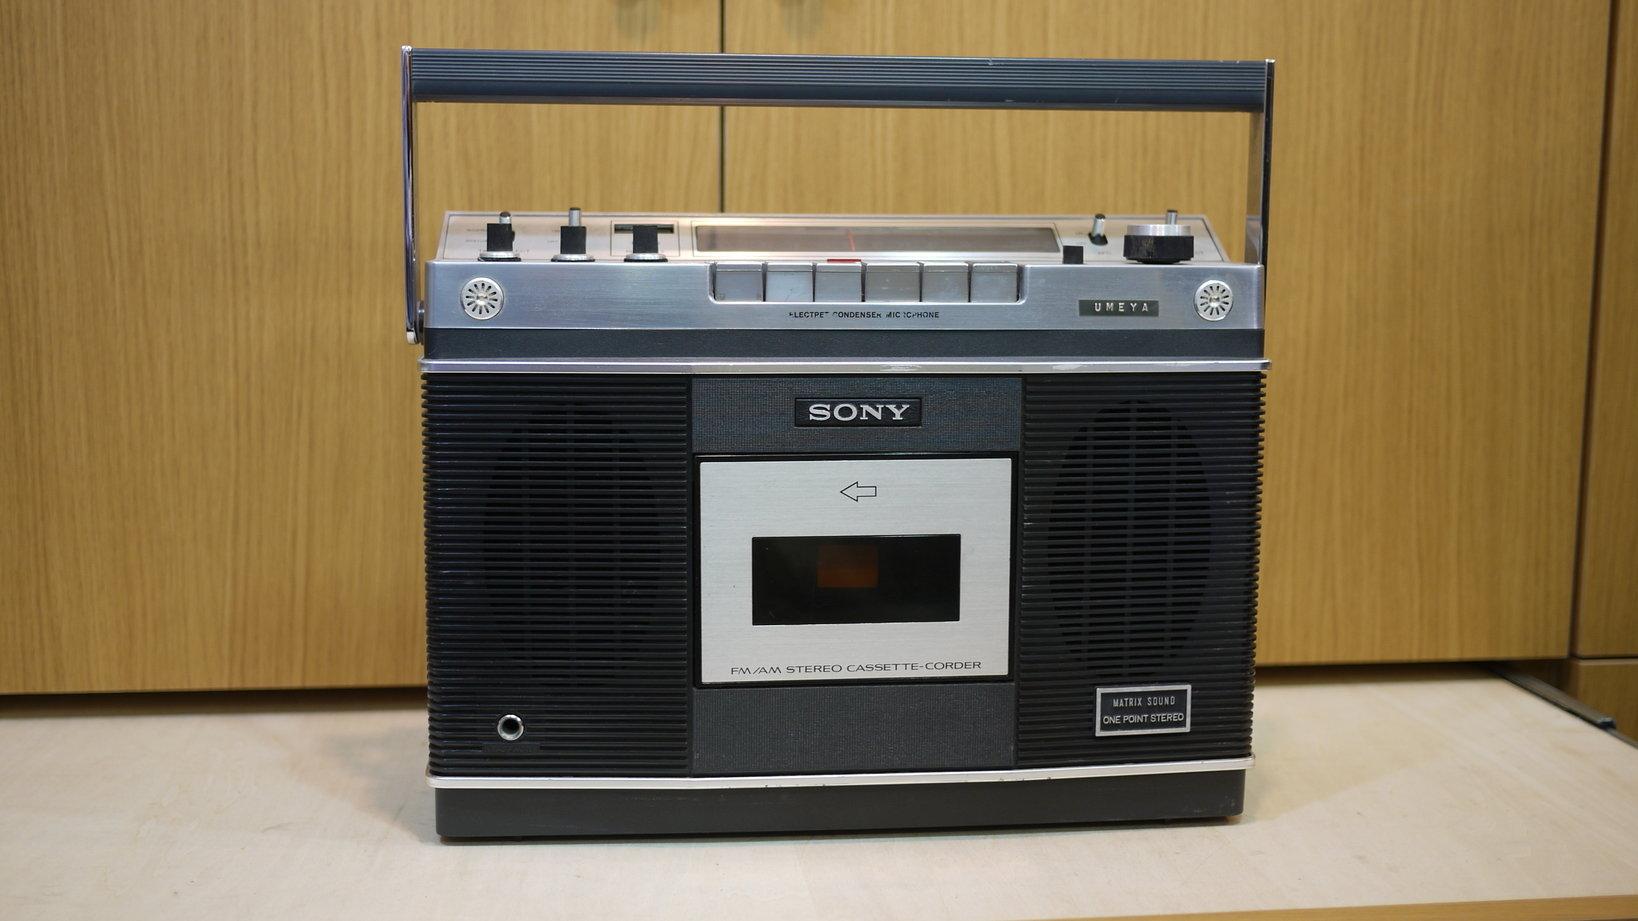 日本で初めてのステレオラジカセ。SONY製